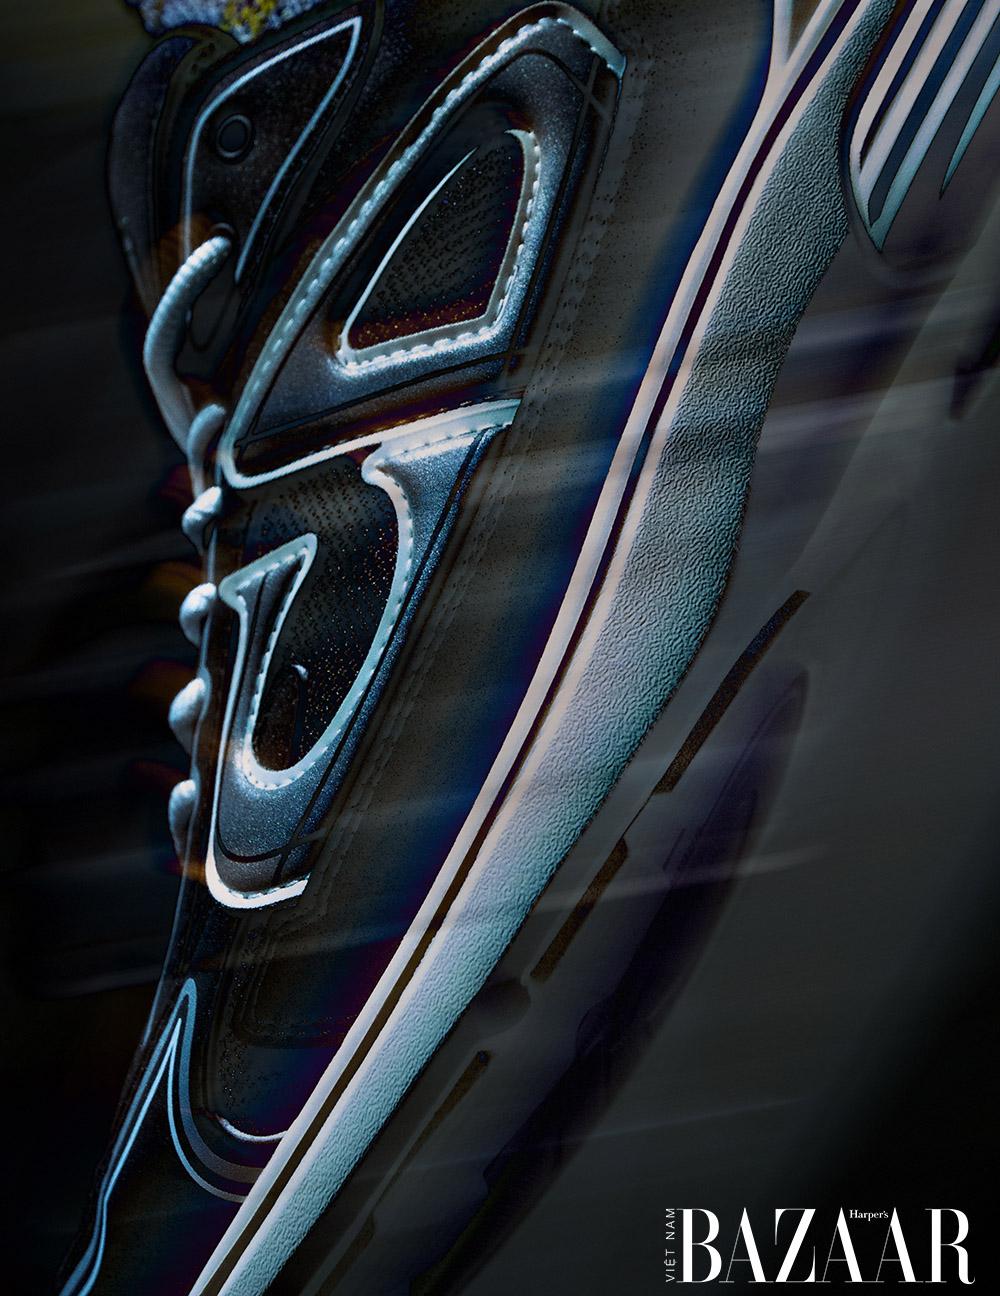 Dior B30 sneaker sẽ lên kệ trong tháng 10 với nhiều màu sắc hấp dẫn